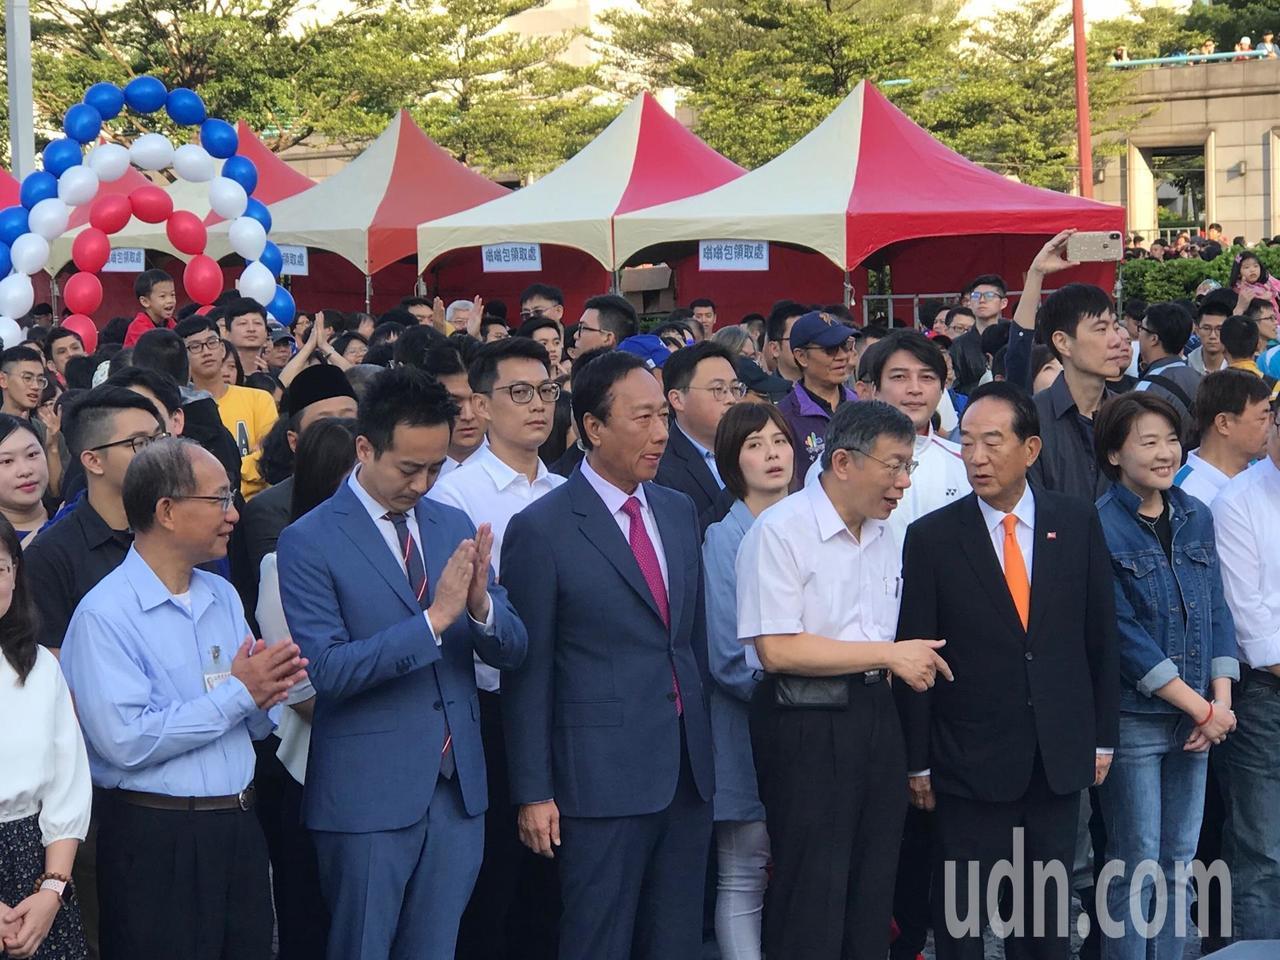 今天是雙十國慶,台北市政府將在市府前廣場舉辦升旗典禮,台北市長柯文哲、鴻海創辦人...